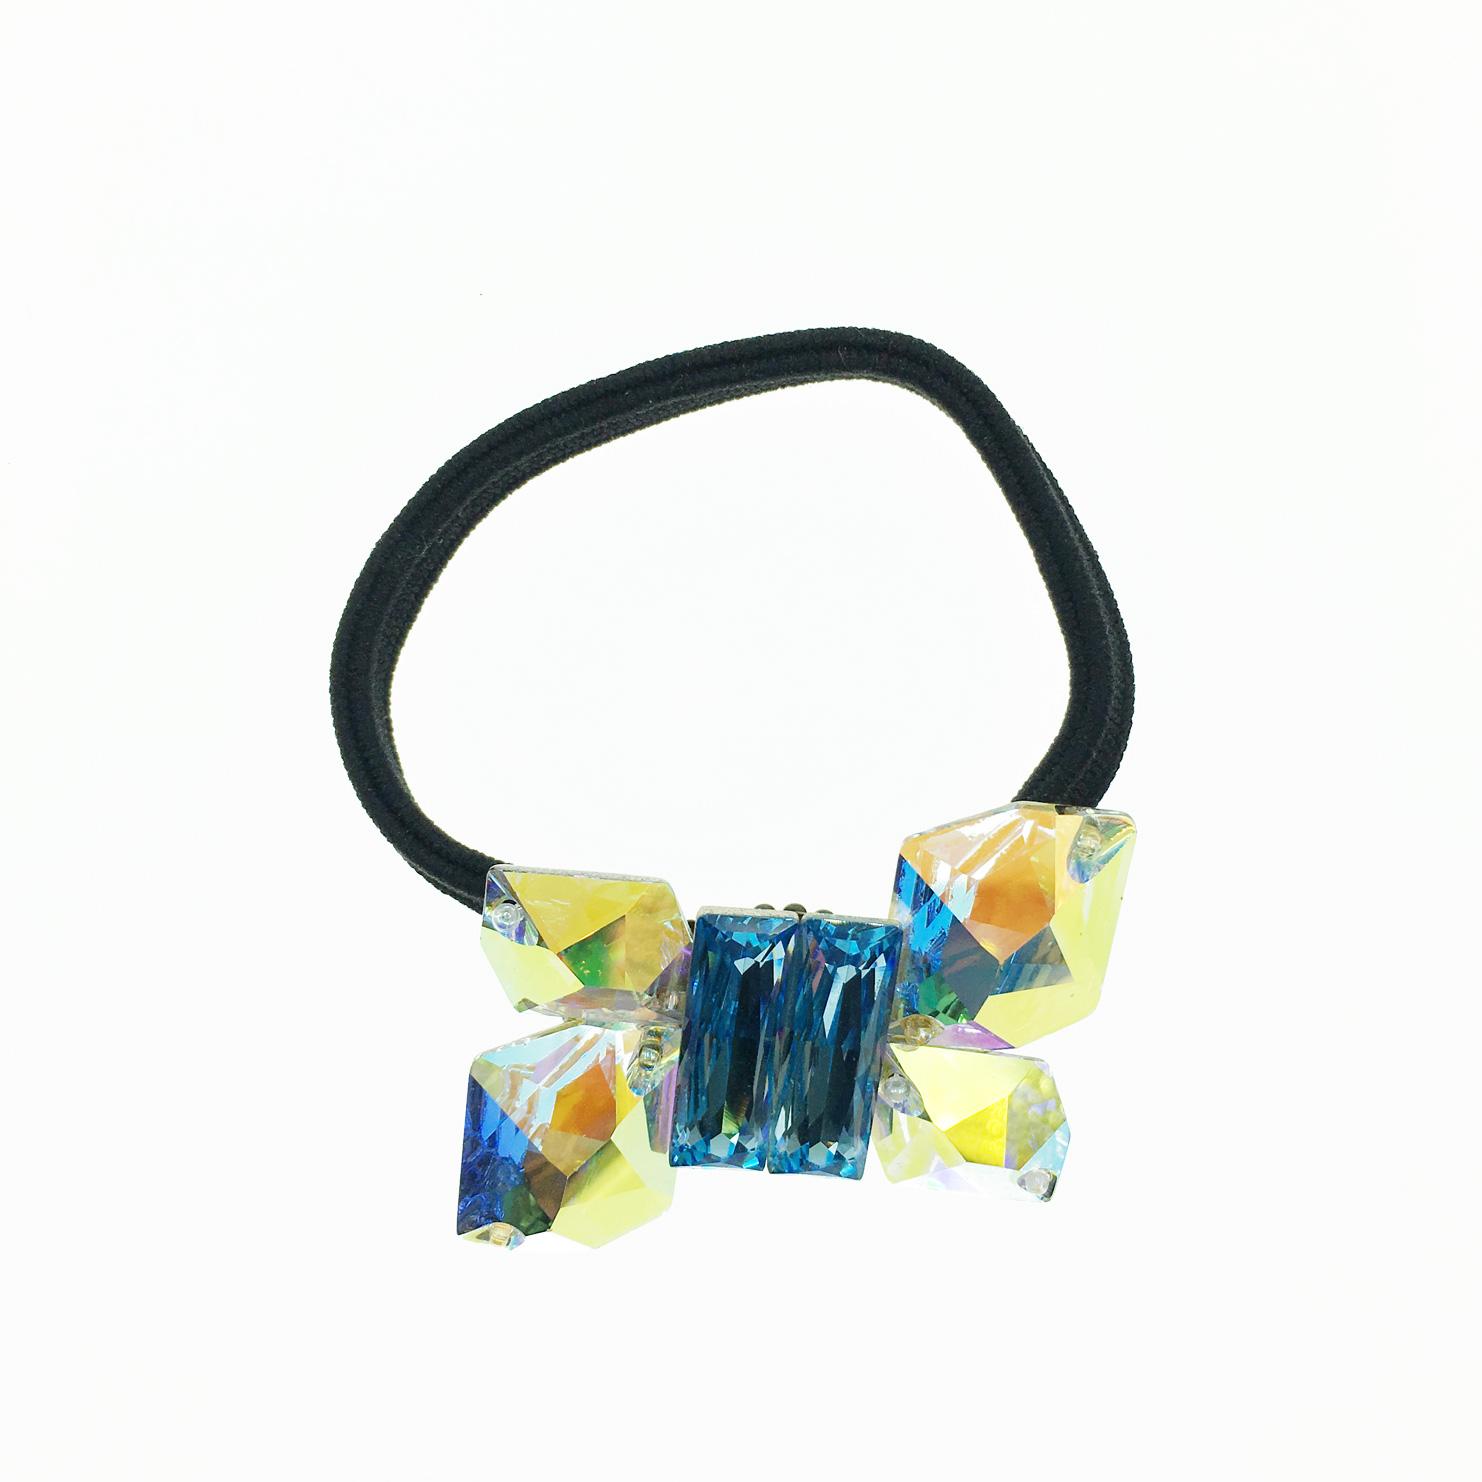 水晶 寶石 切割面 閃耀 髮飾 髮圈 採用施華洛世奇水晶元素 Crystals from Swarovski